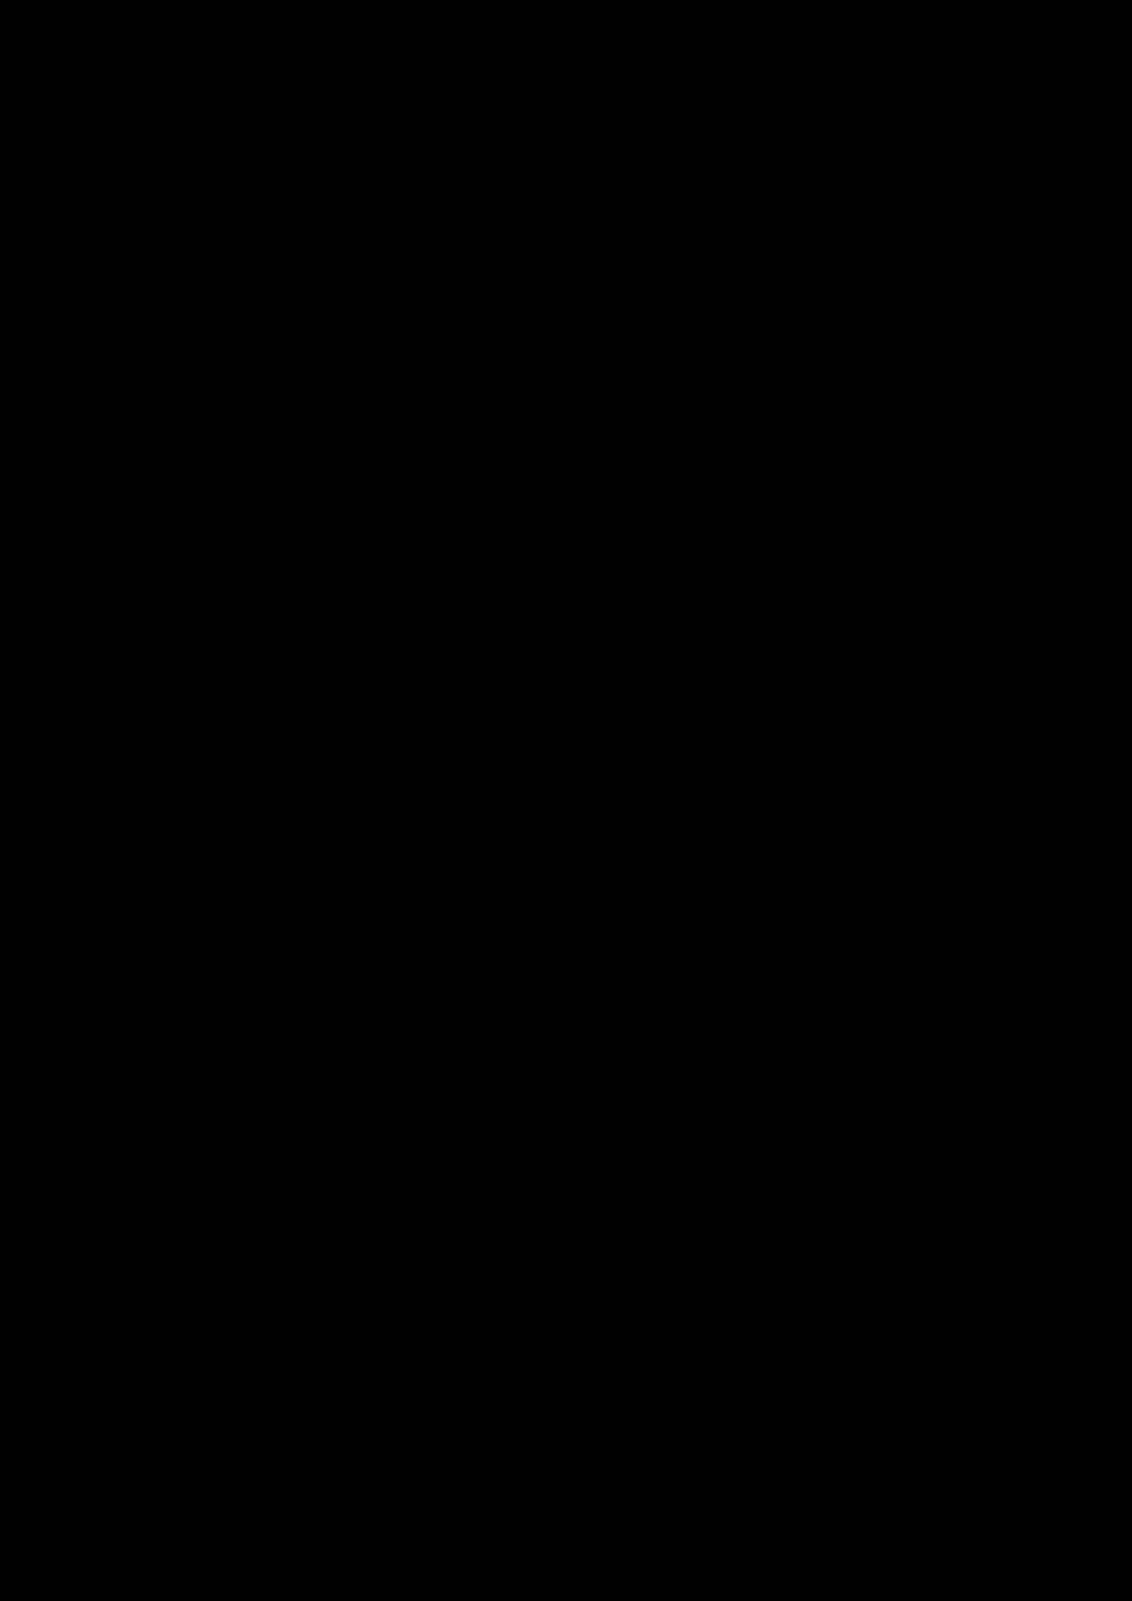 Proschanie s volshebnoy stranoy slide, Image 79